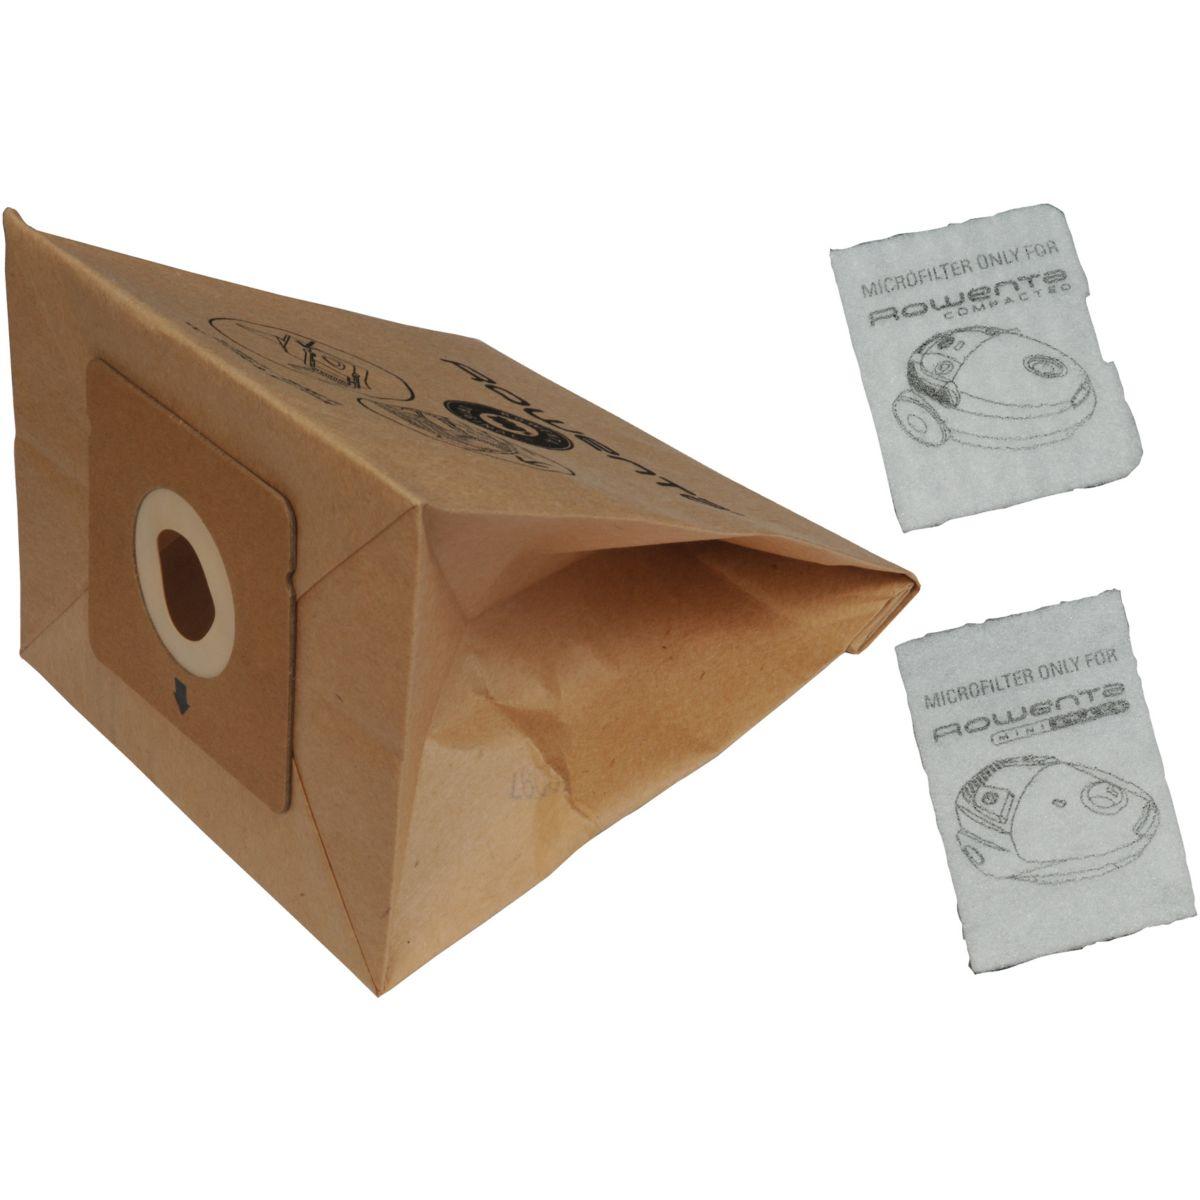 Sac aspirateur MOULINEX 6 Sacs papier +1 Micrfiltre